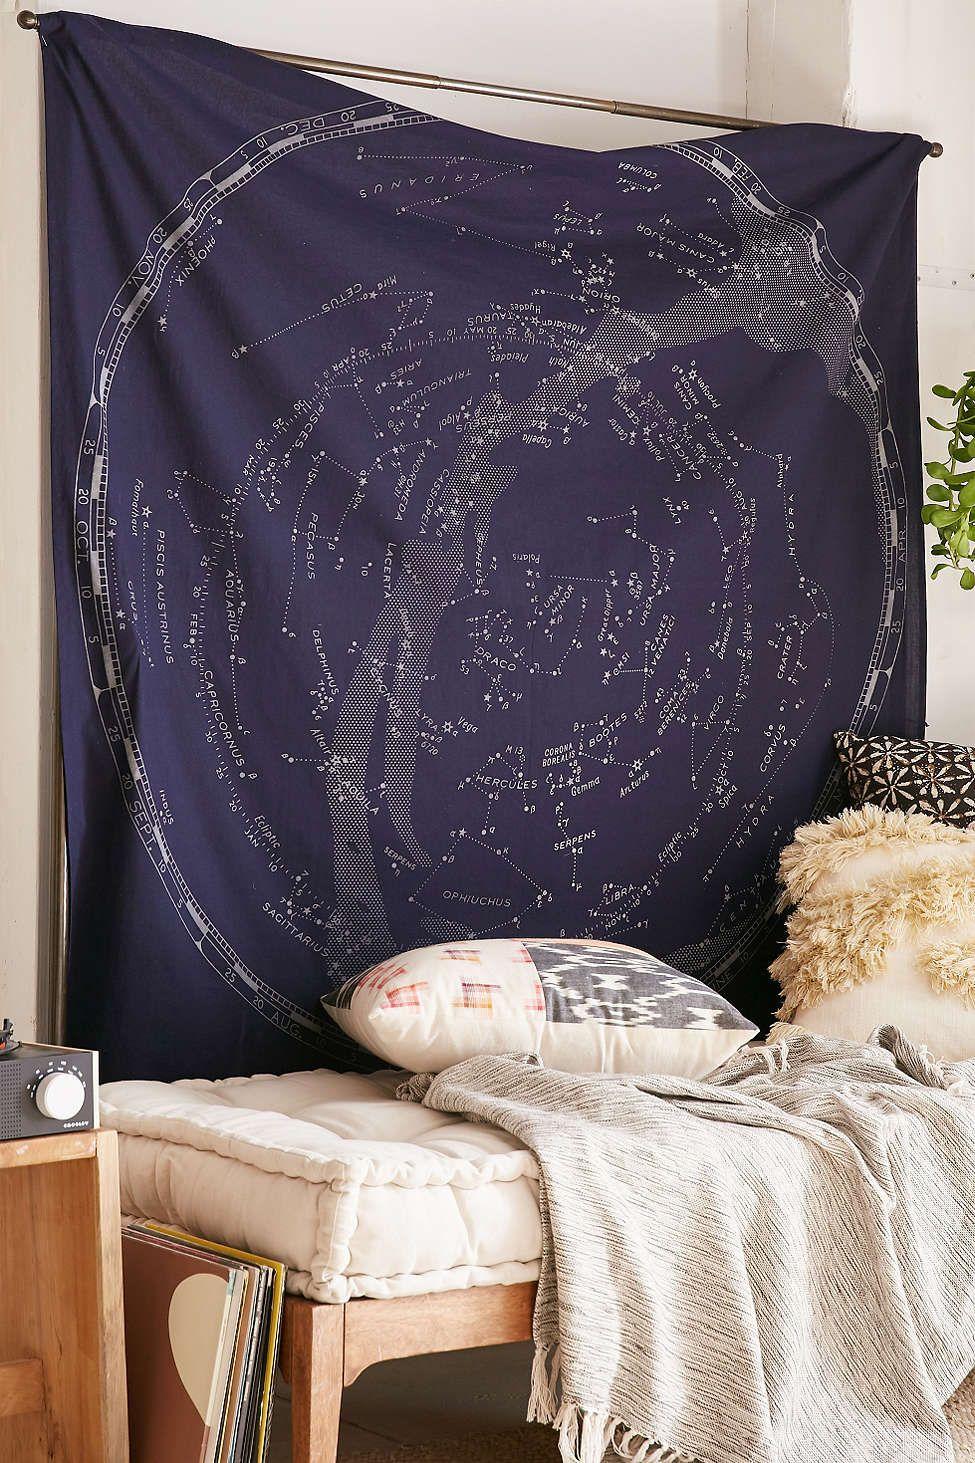 Glow-In-The-Dark Constellation Map Tapestry | Blumen, Häuschen und Ideen